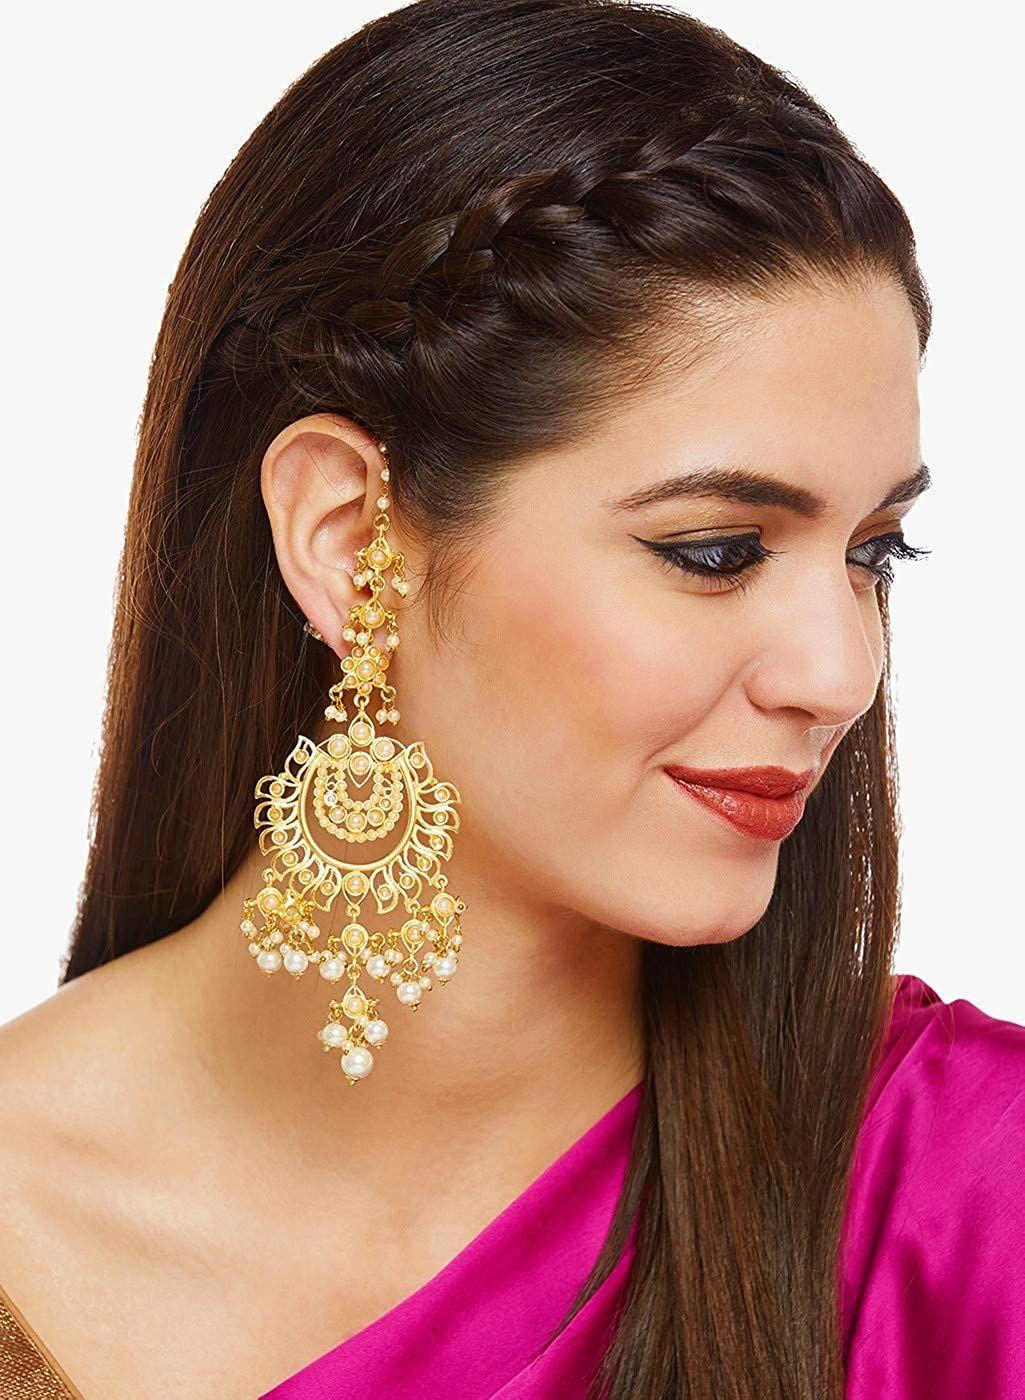 Beautiful Long Earrings Images